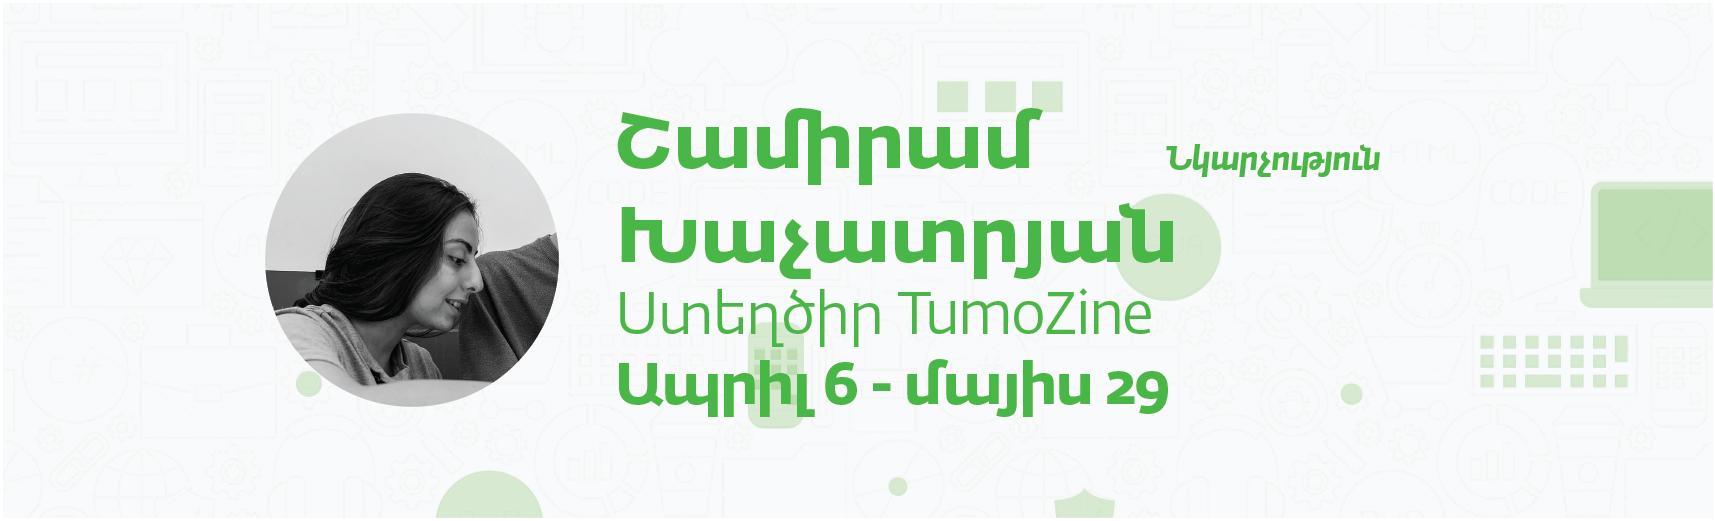 18 - Ստեղծիր TumoZine